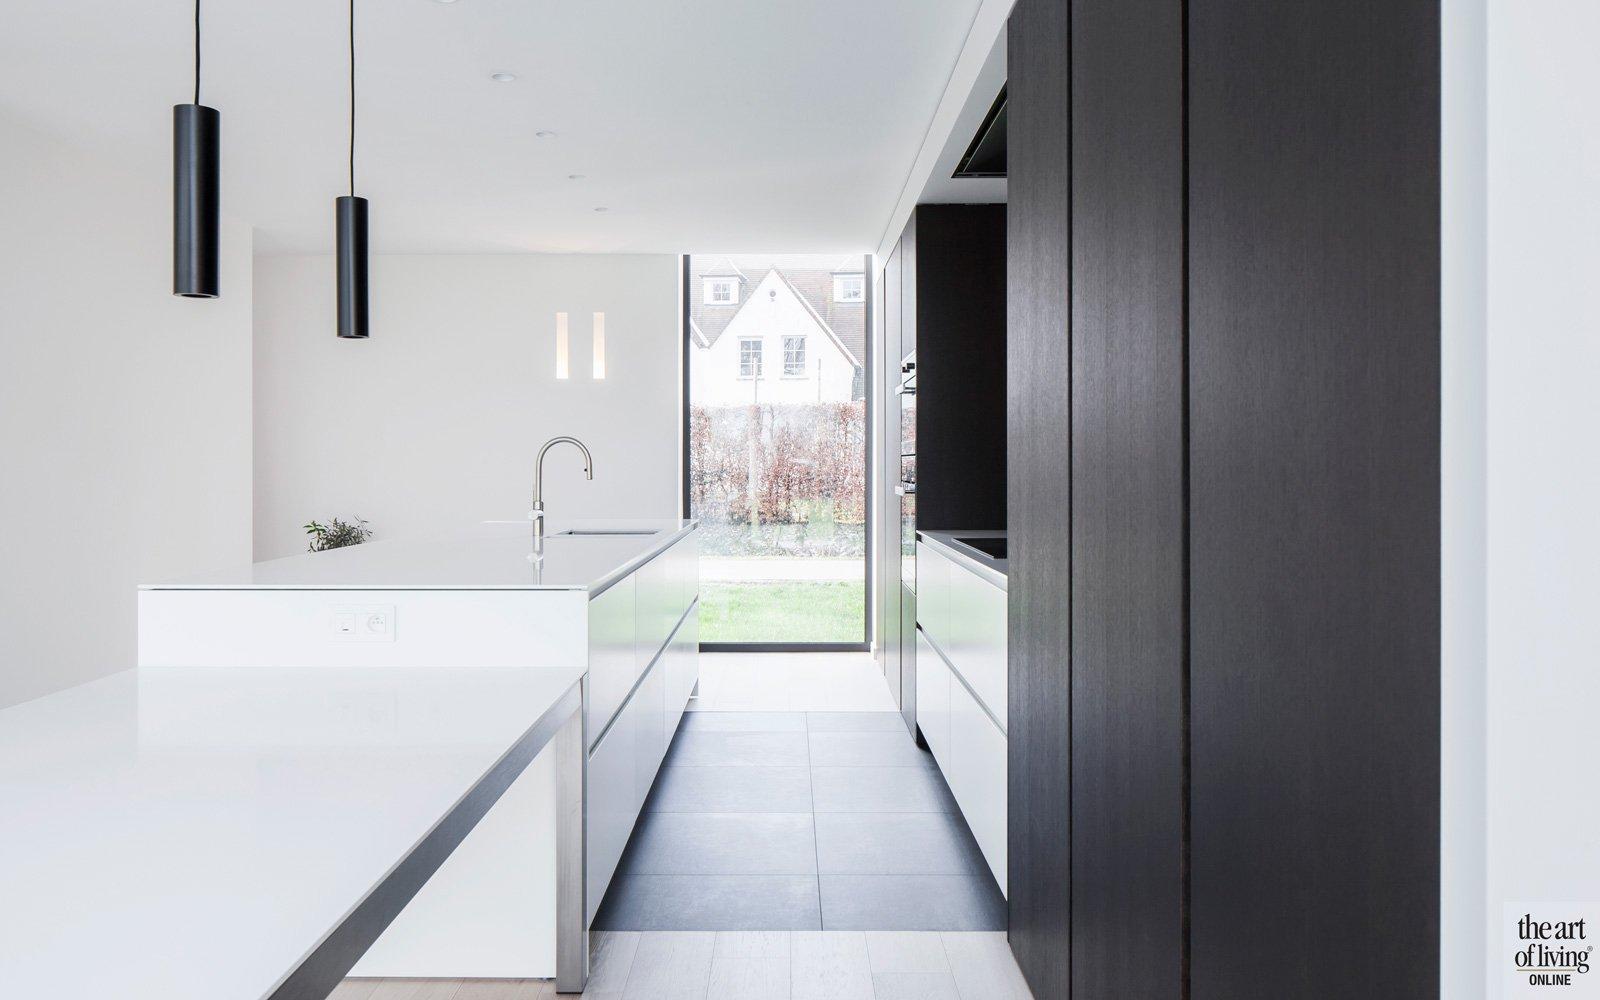 Maatwerk keuken, De Keukenarchitecten, strak, wit, ruimtelijk, kookeiland, sfeervolle woning, Hulpia Architecten